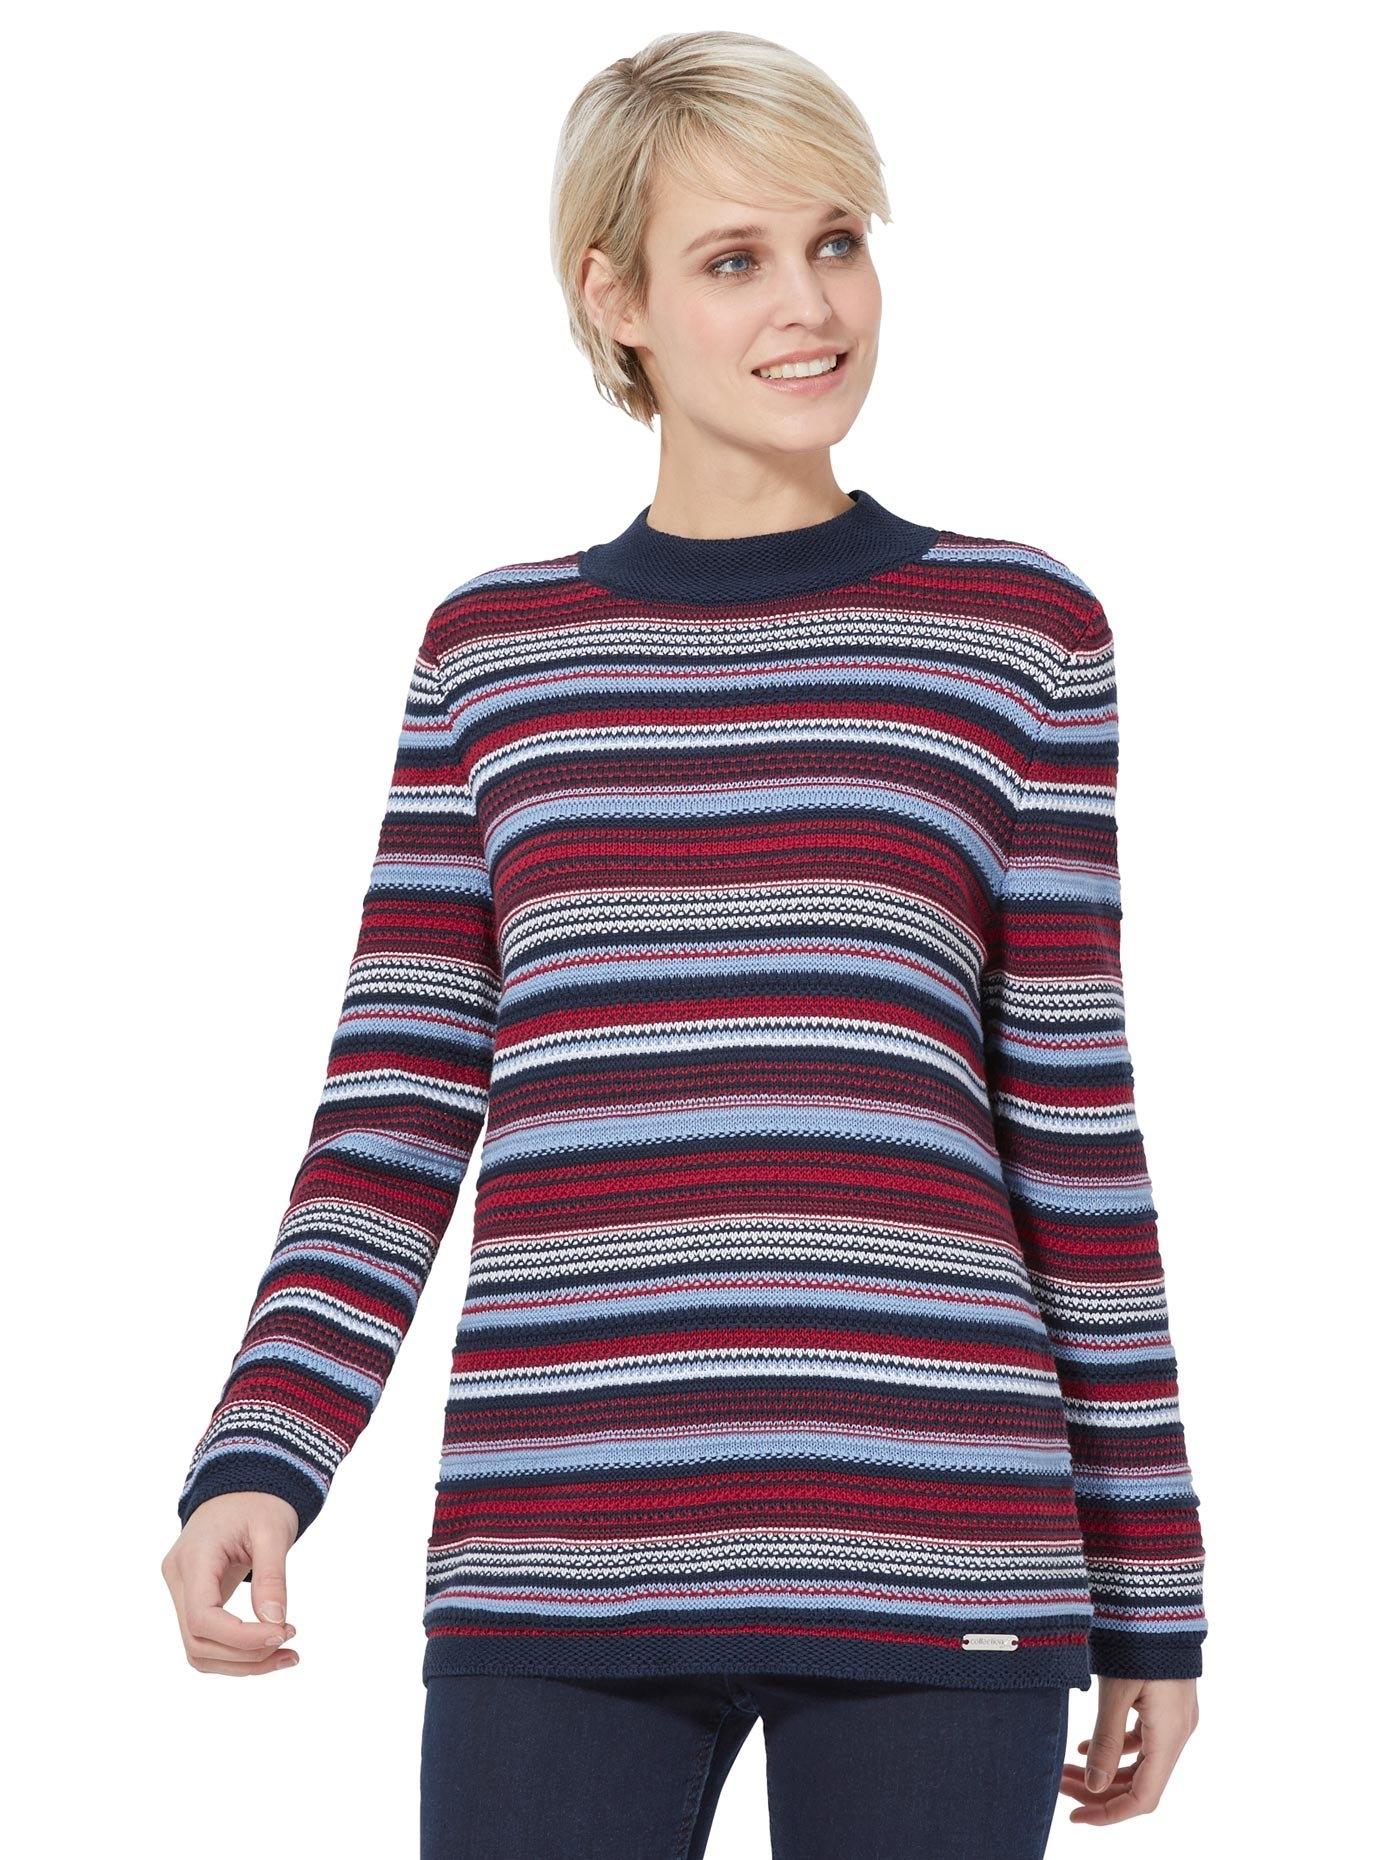 Casual Looks trui met staande kraag goedkoop op otto.nl kopen